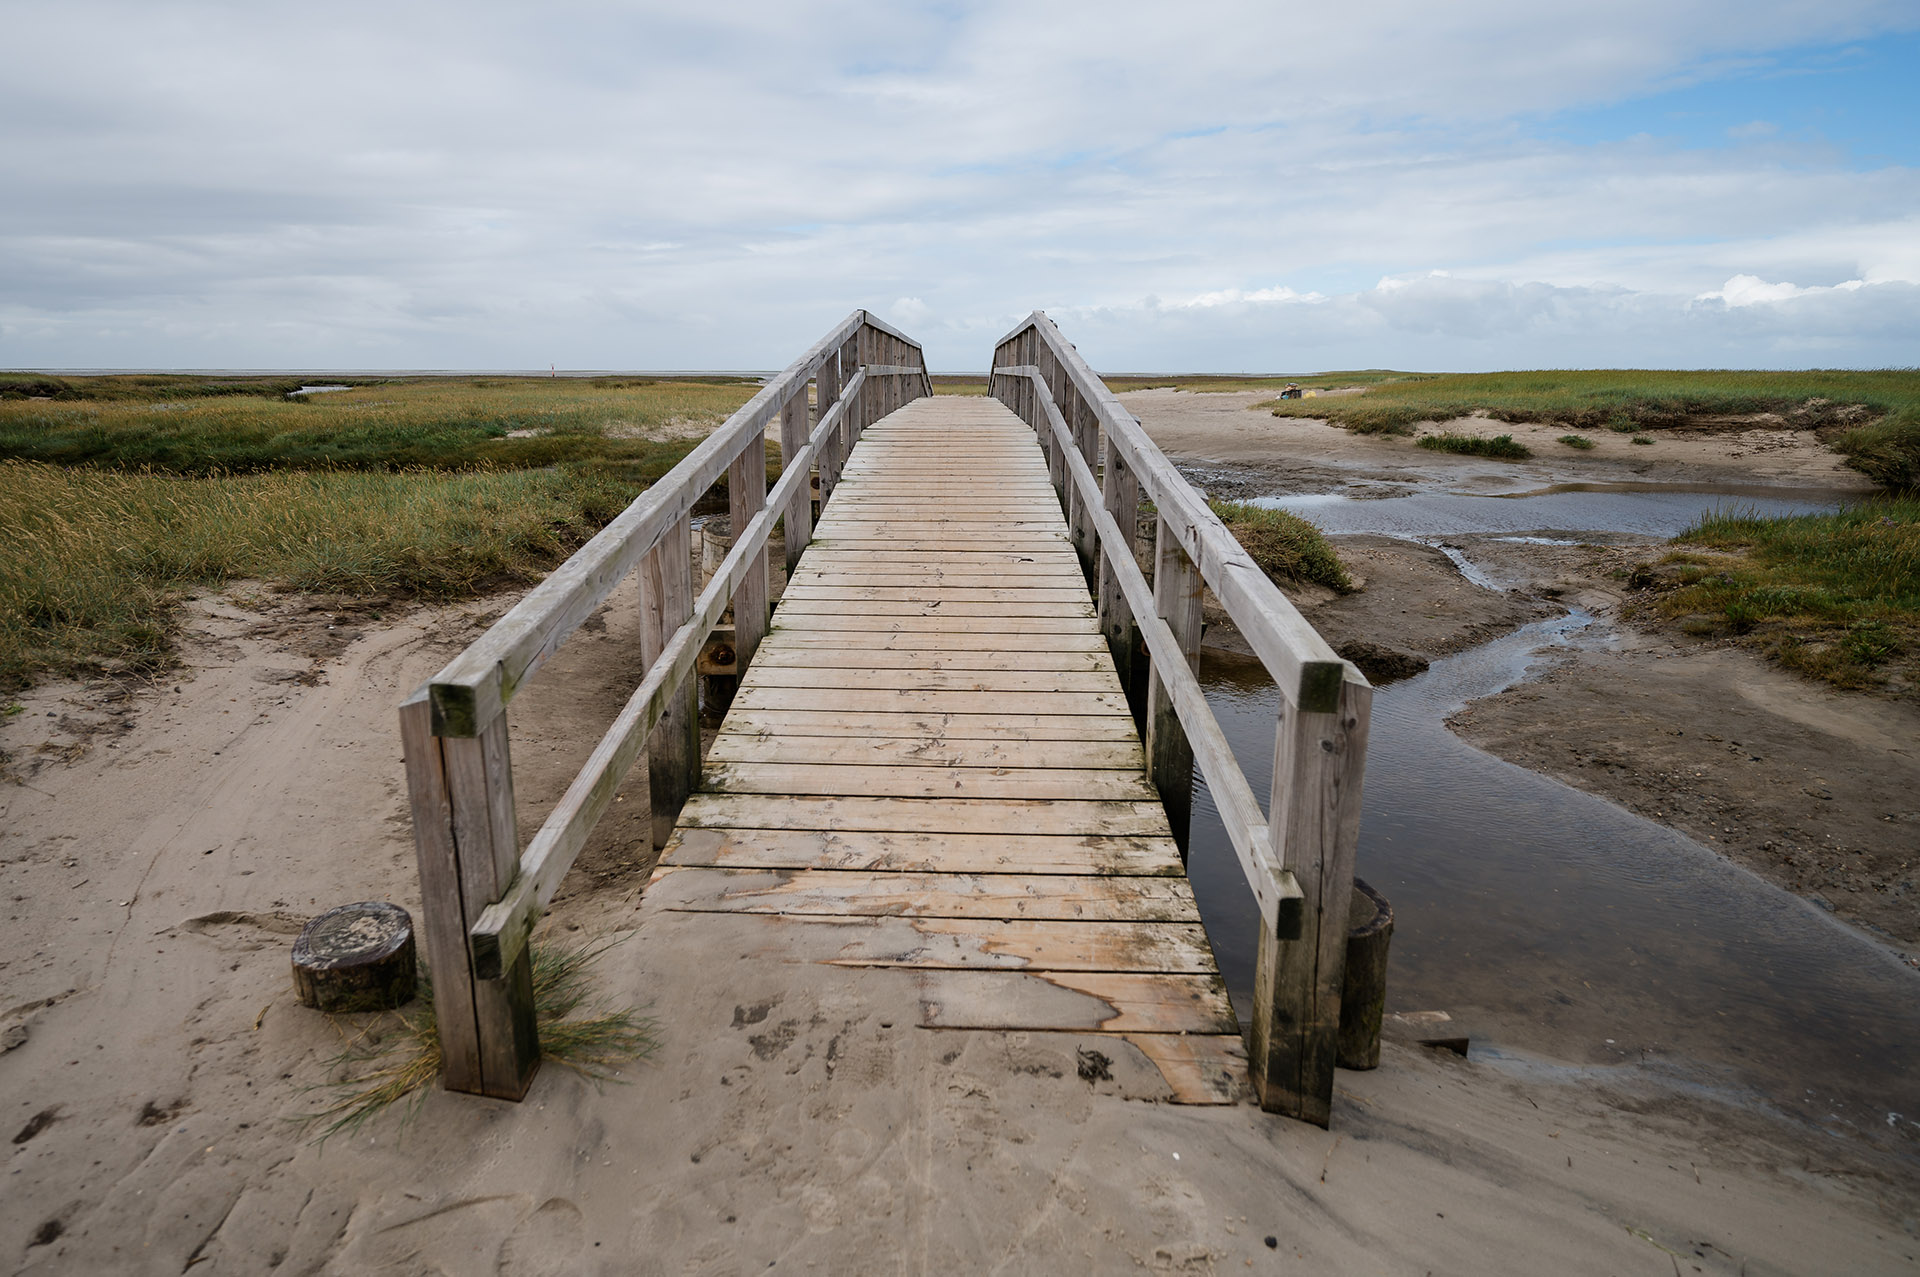 Dünen St. Peter Ording, Nordsee, Urlaub in Nordfriesland, Campingurlaub, Nordseecamping zum Seehund